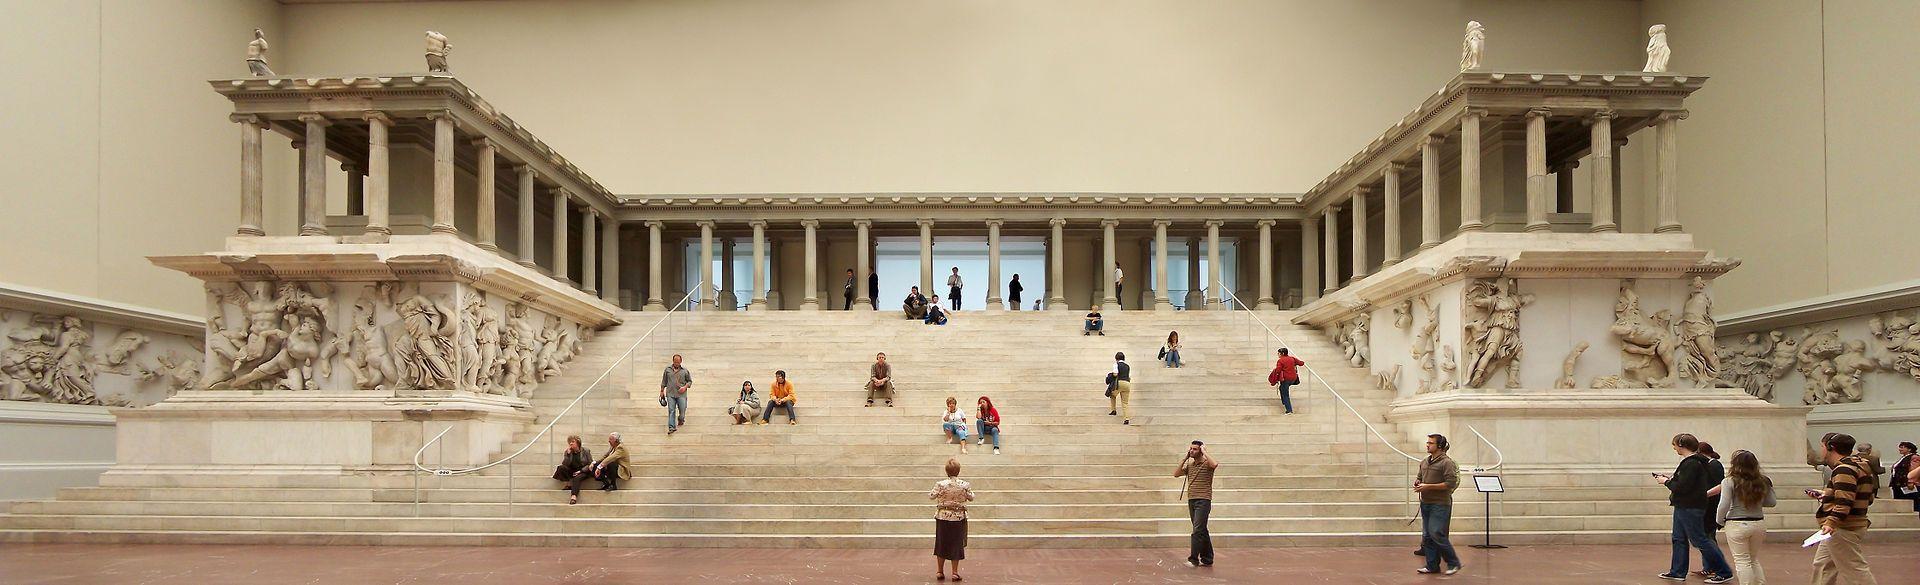 Pergamon Museum Pergamon Pergamon Museum Pergamon Museum Berlin